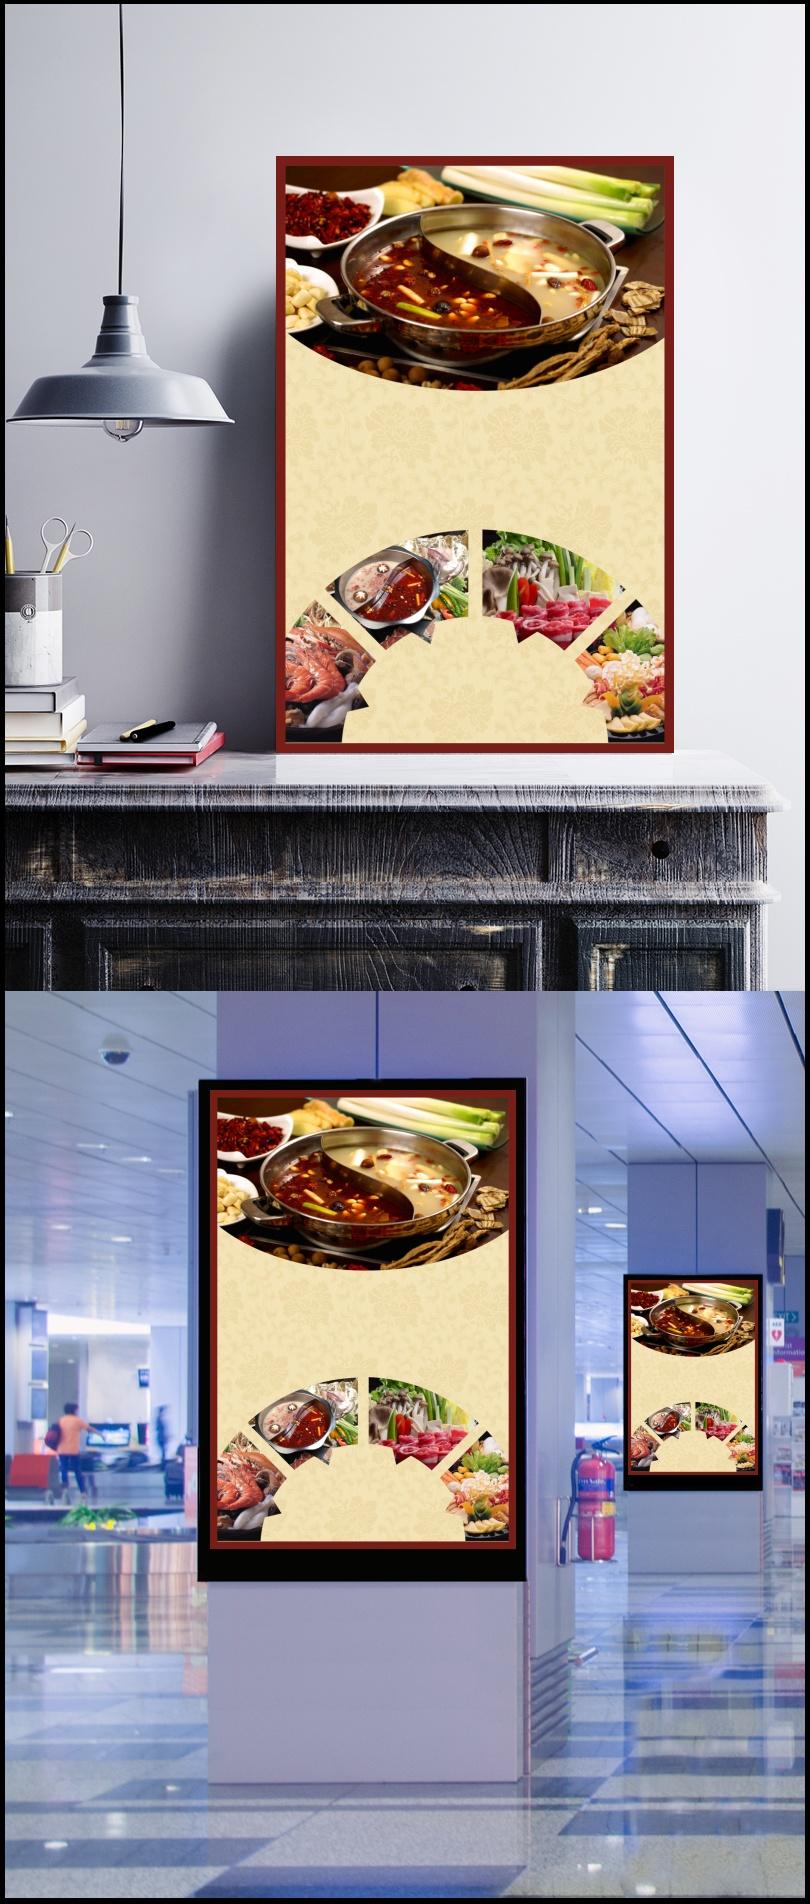 火锅传单背景_火锅店宣传单背景素材设计模板素材